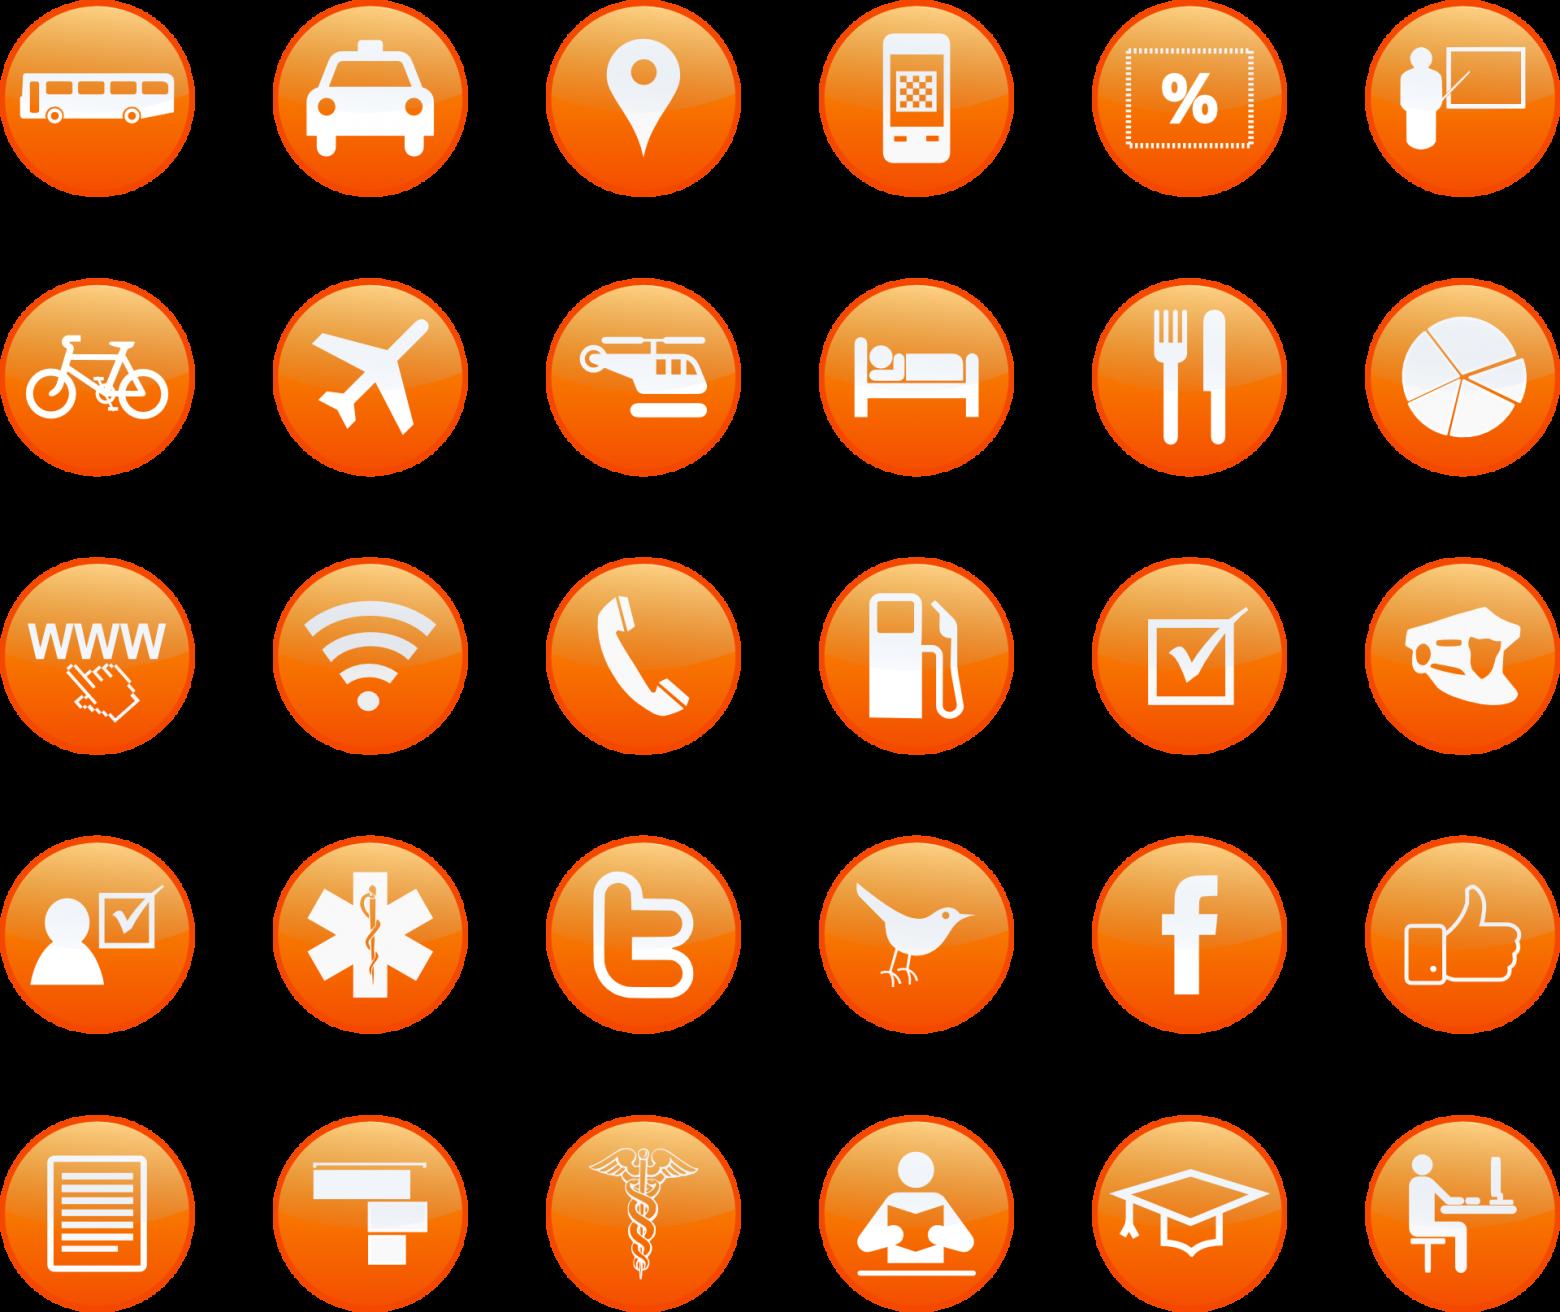 cliparts vecteurs logos symboles ic u00f4nes images gratuites